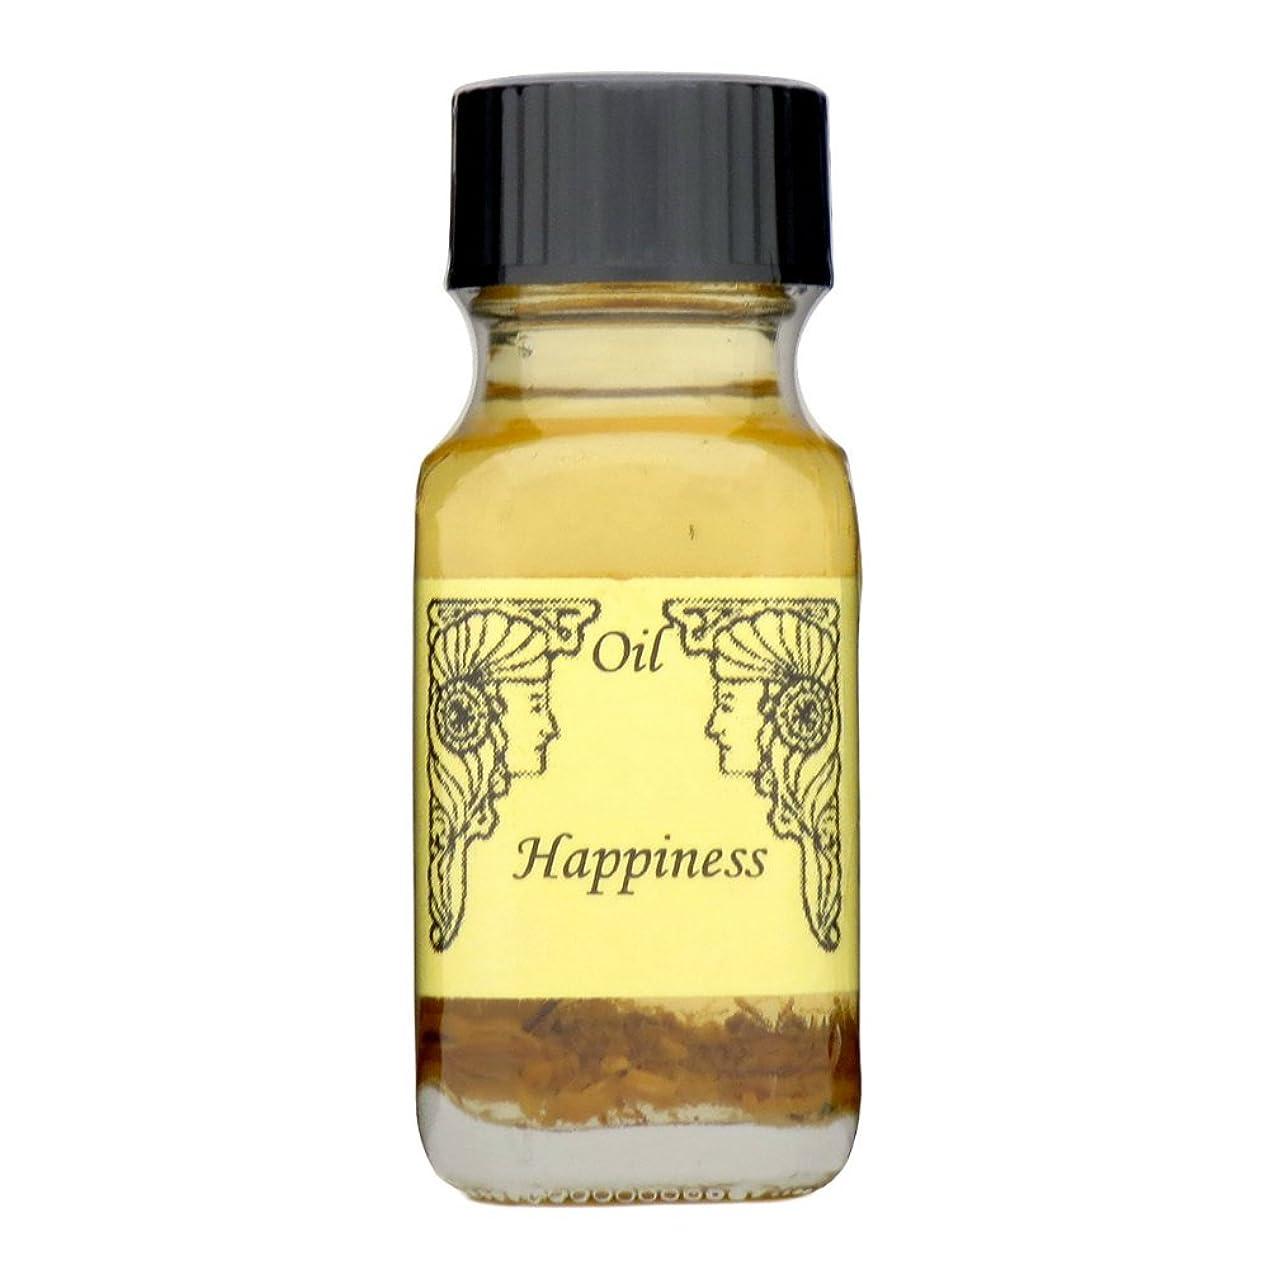 有効化サルベージ運動するアンシェントメモリーオイル ハピネス (幸福) 15ml (Ancient Memory Oils)